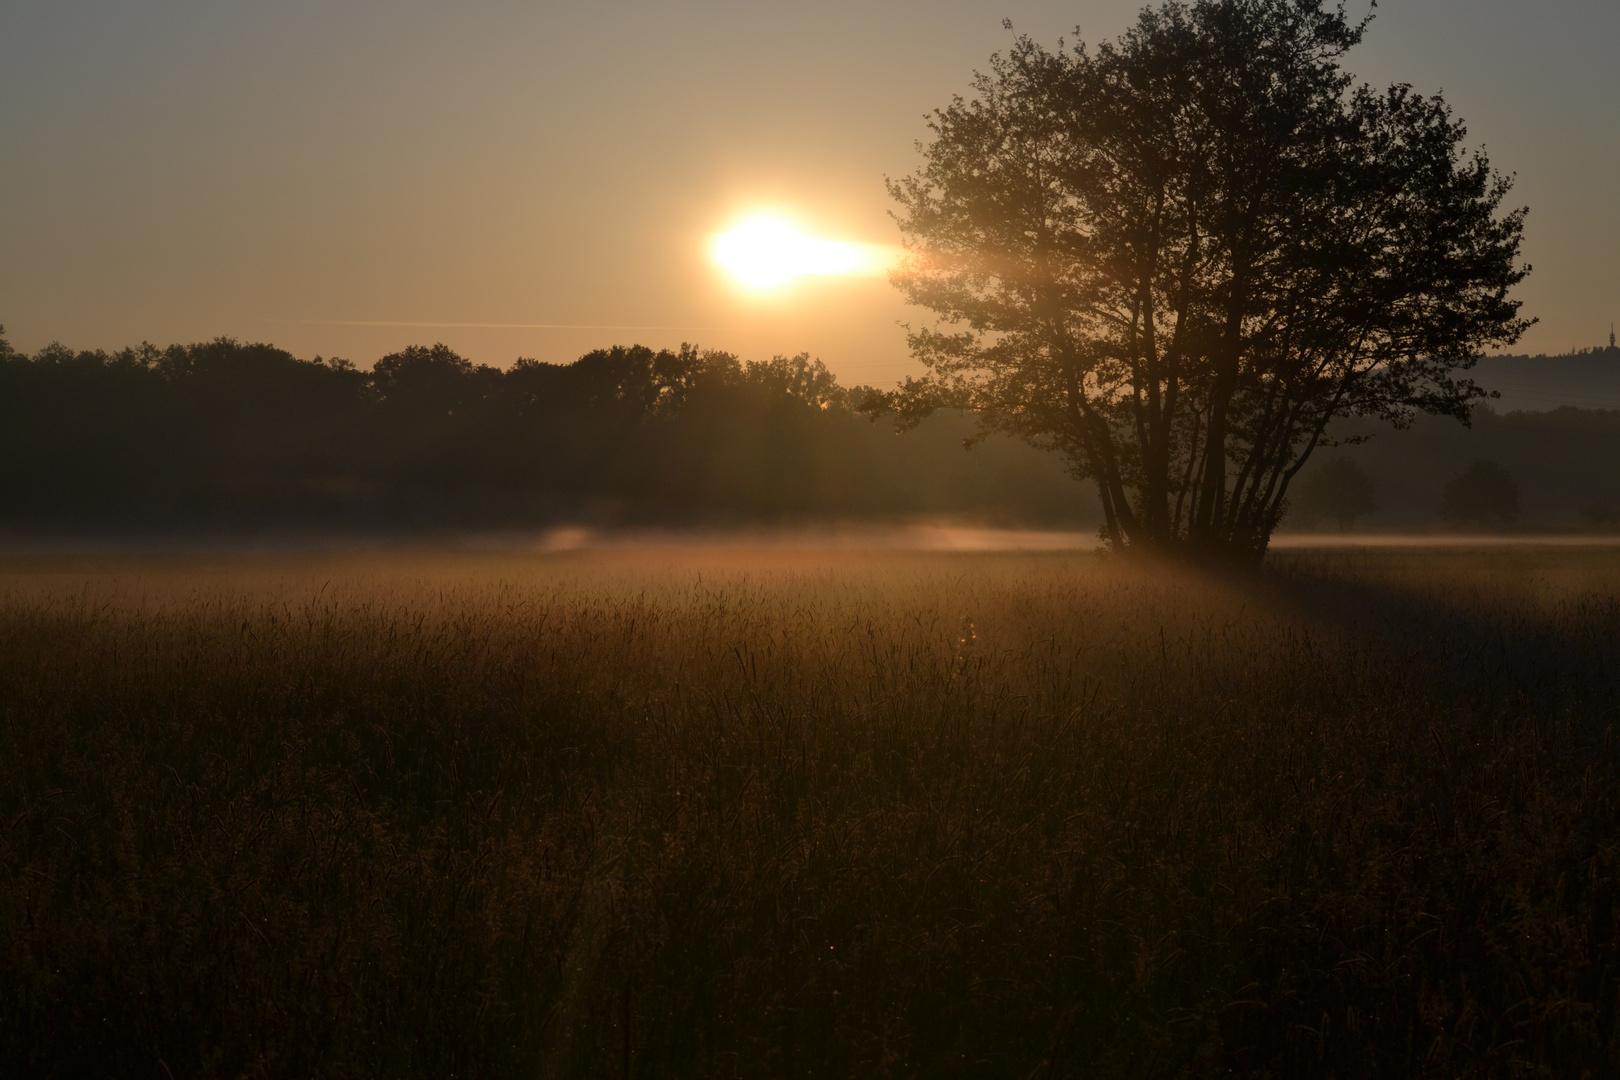 Sonnenaufgang über Wiesenlandschaft